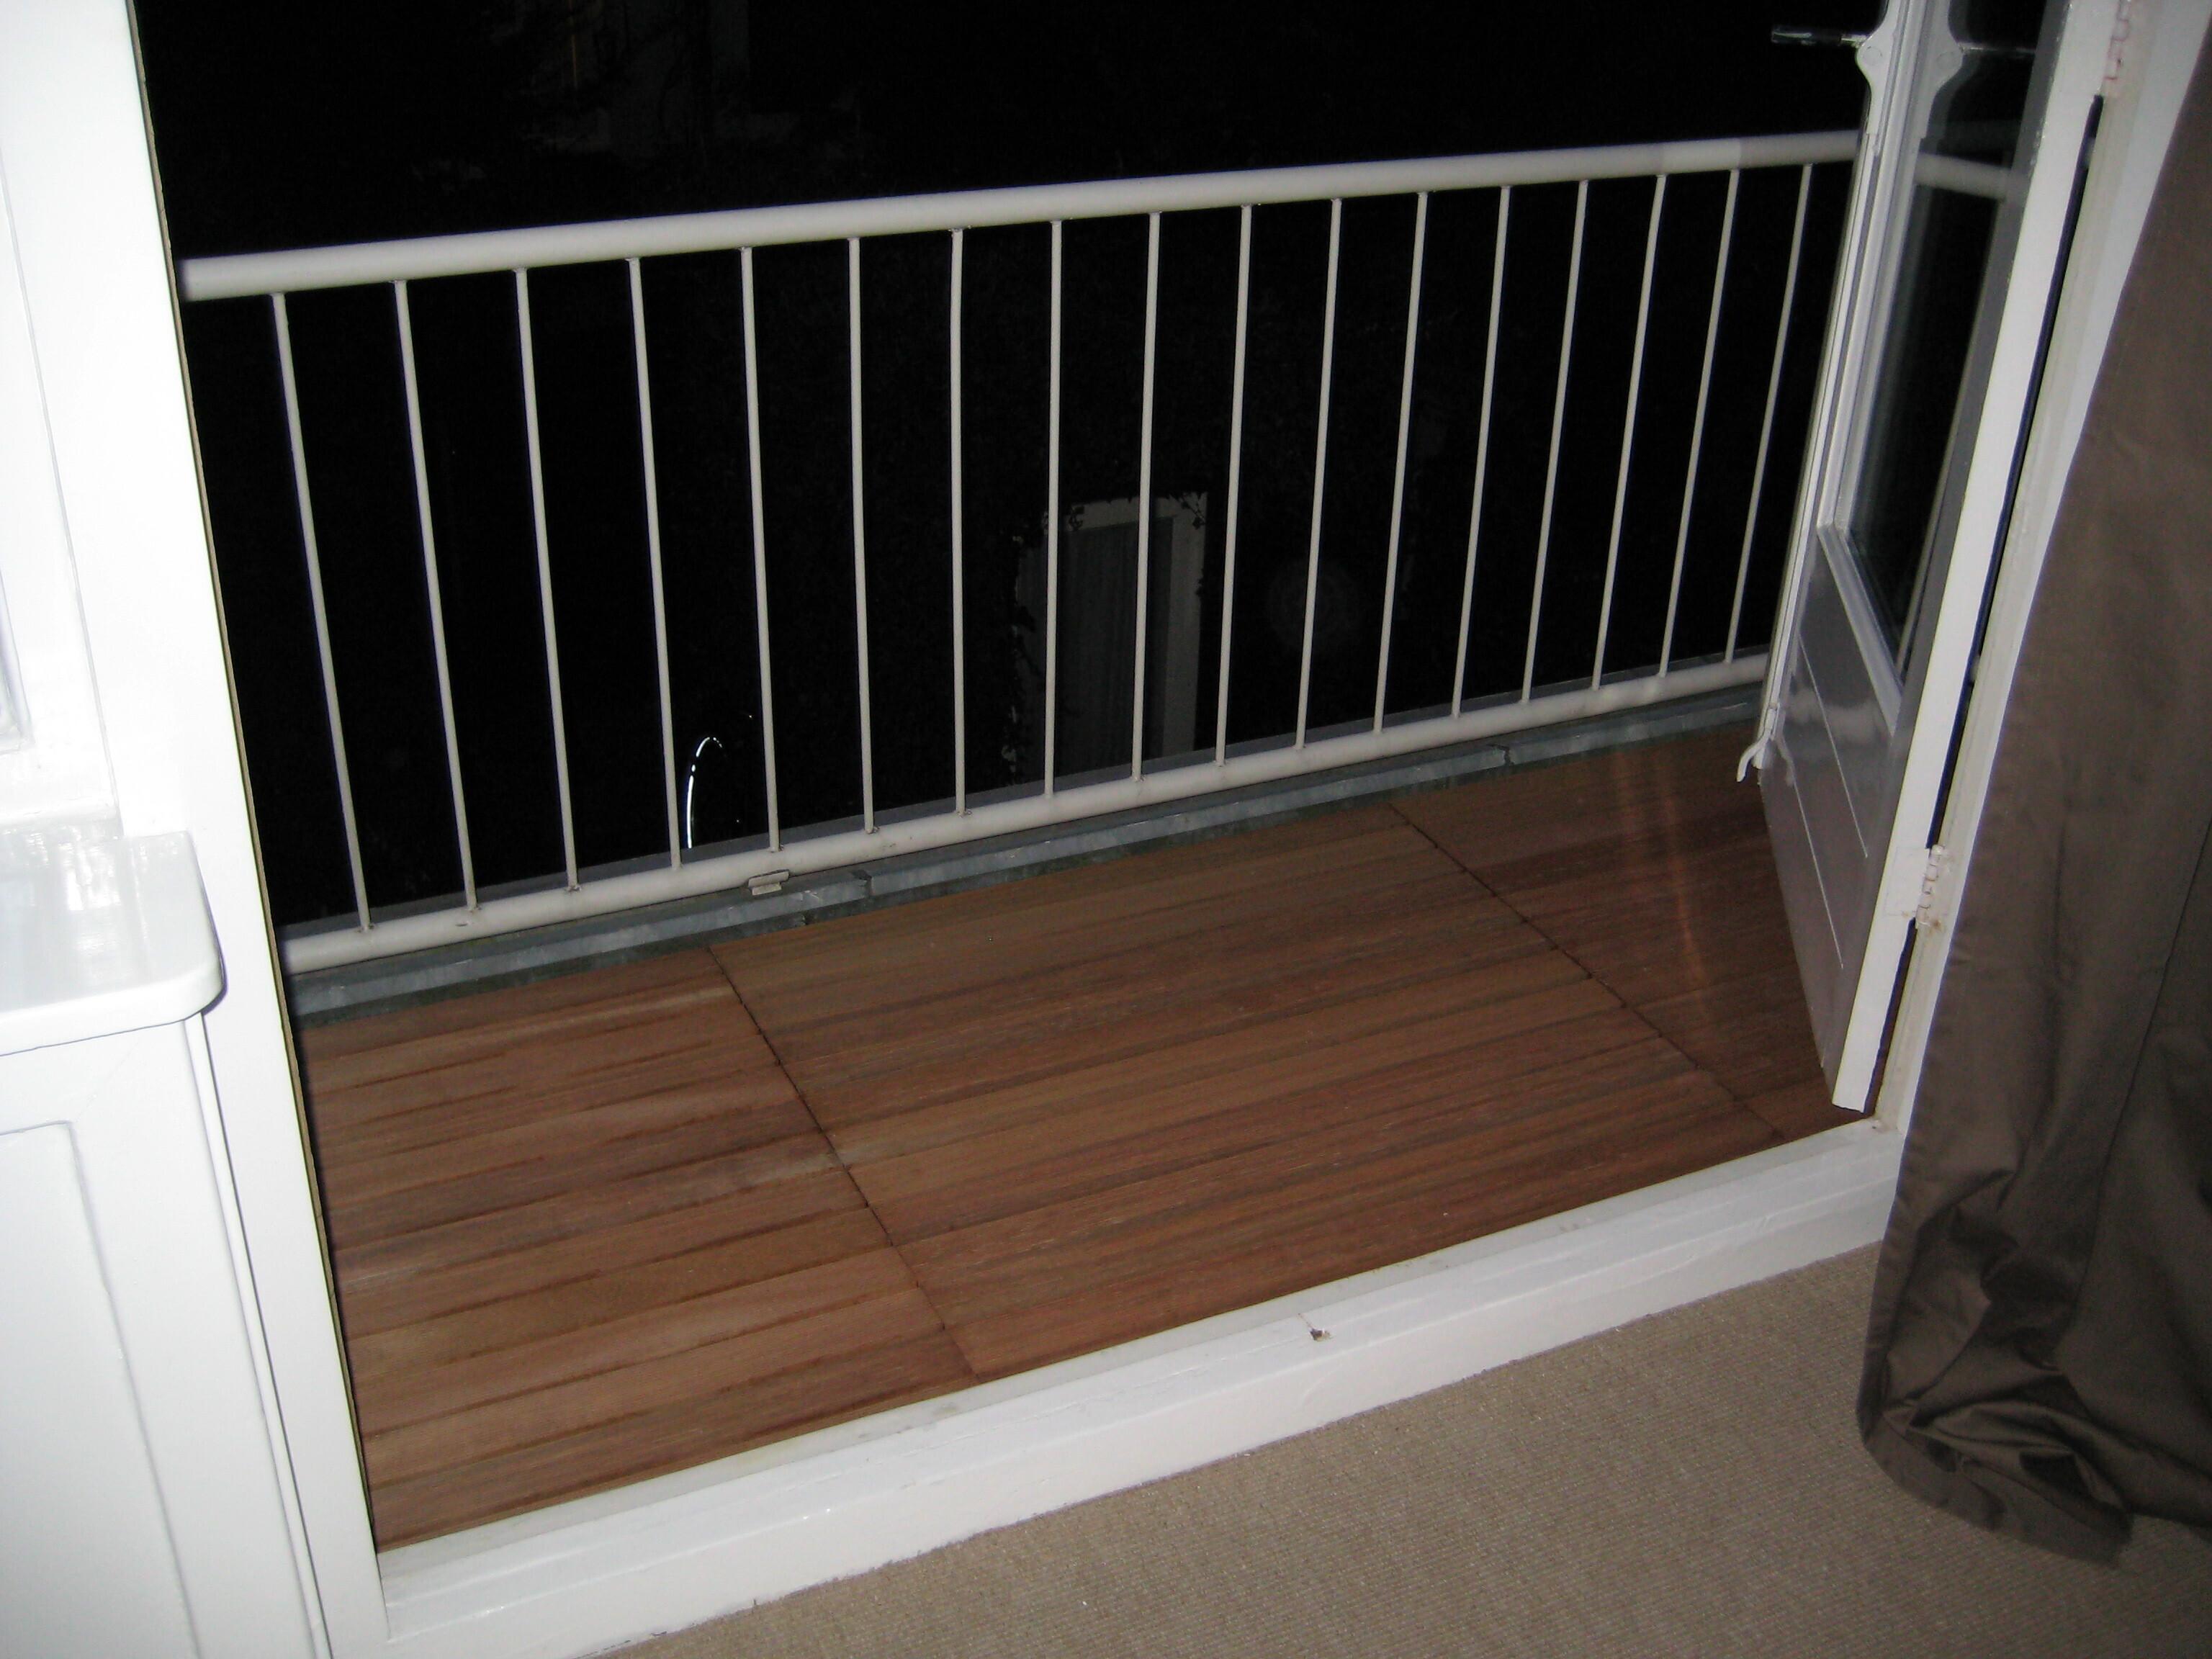 Genoeg Een verhoogd terras op je balkon - Brico | Voor de makers LM32